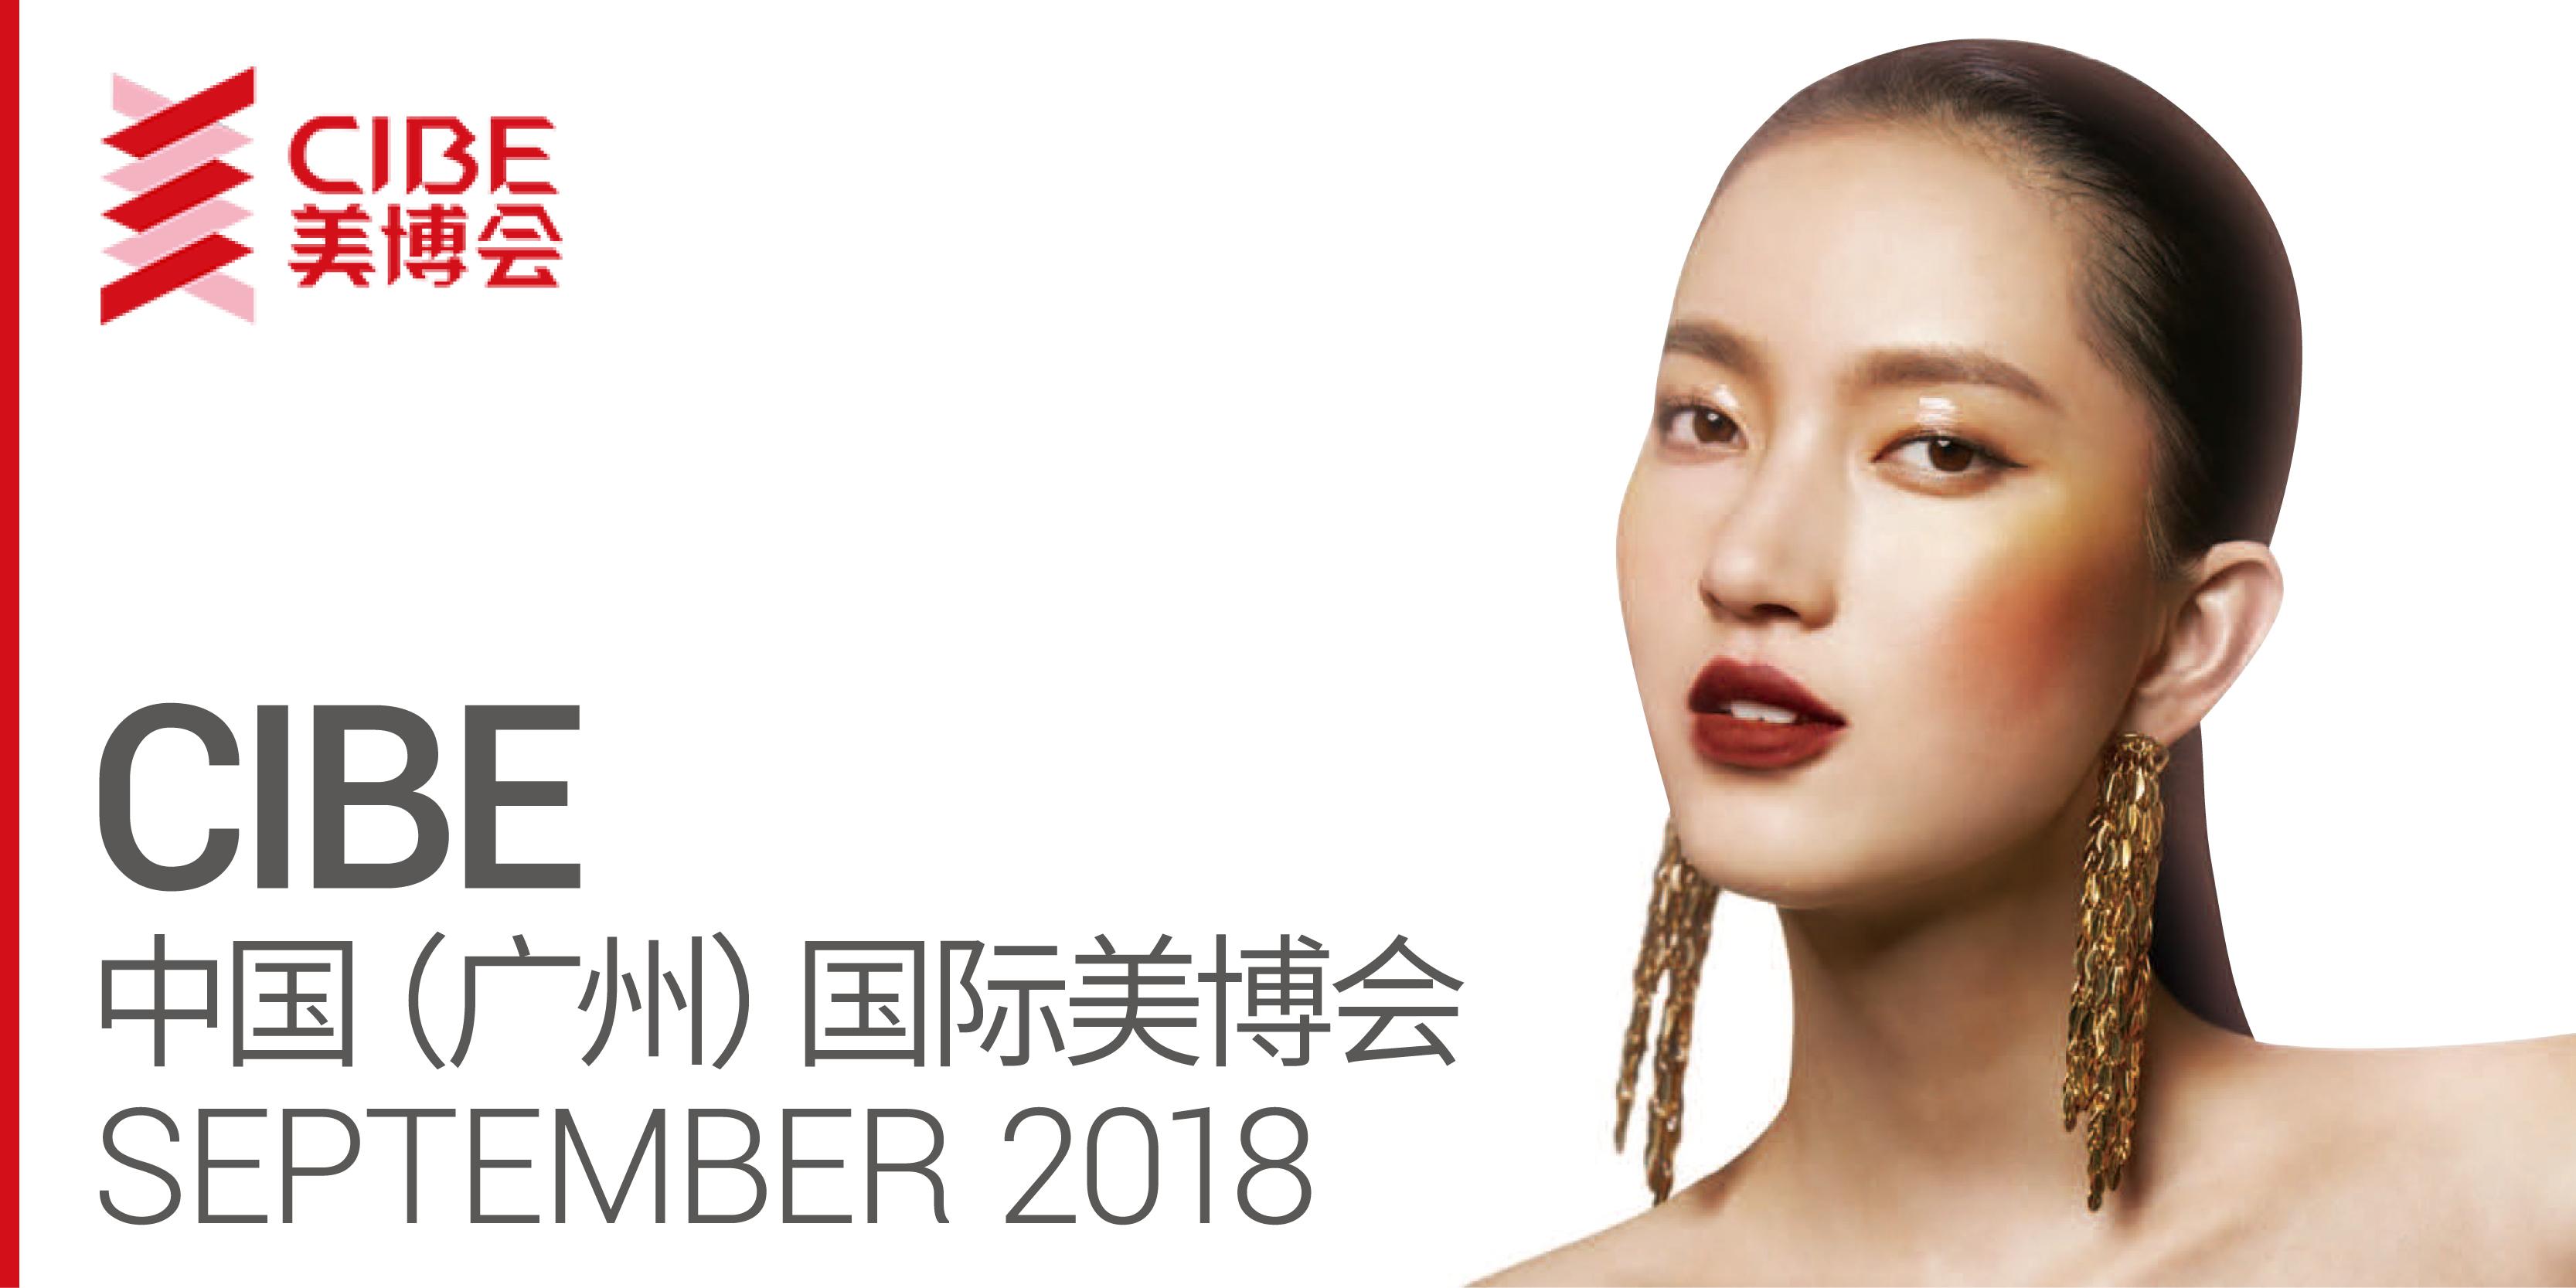 2018 CIBE(Guangzhou) AUTUMN W 300